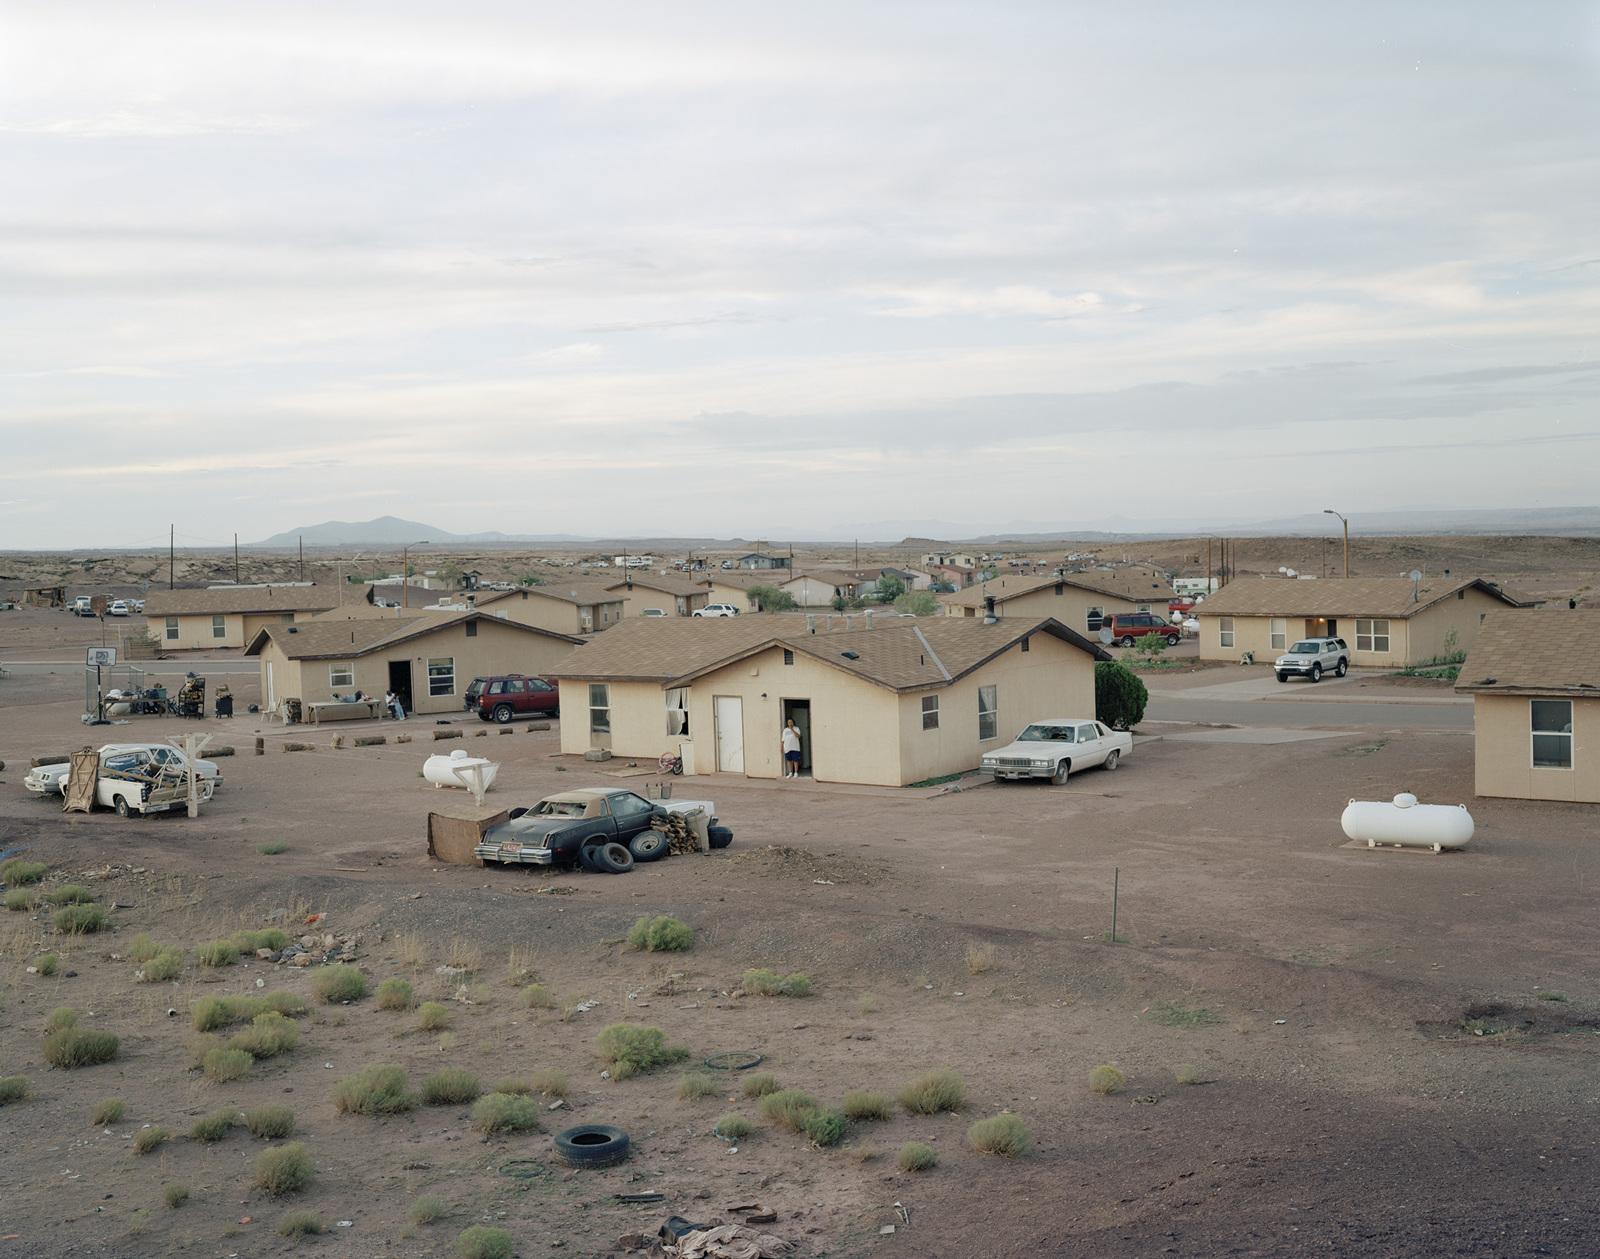 Near Crowne Point, Arizona